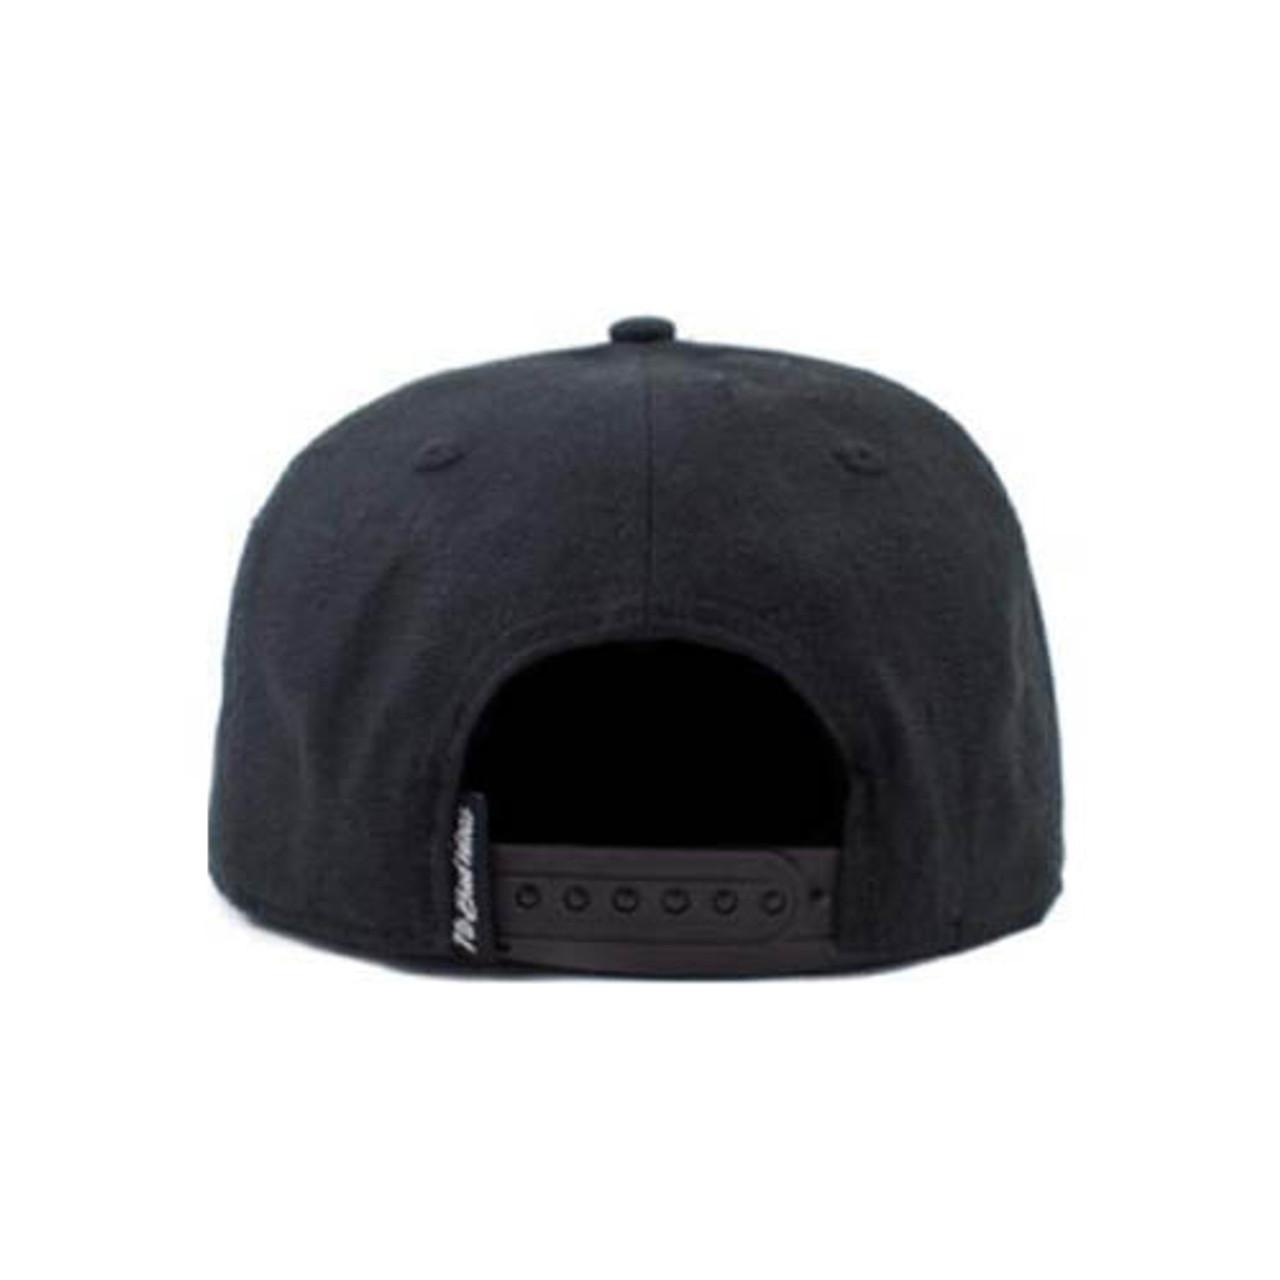 No Bad Ideas - Snapback Cap - Doja - Multi Hemp